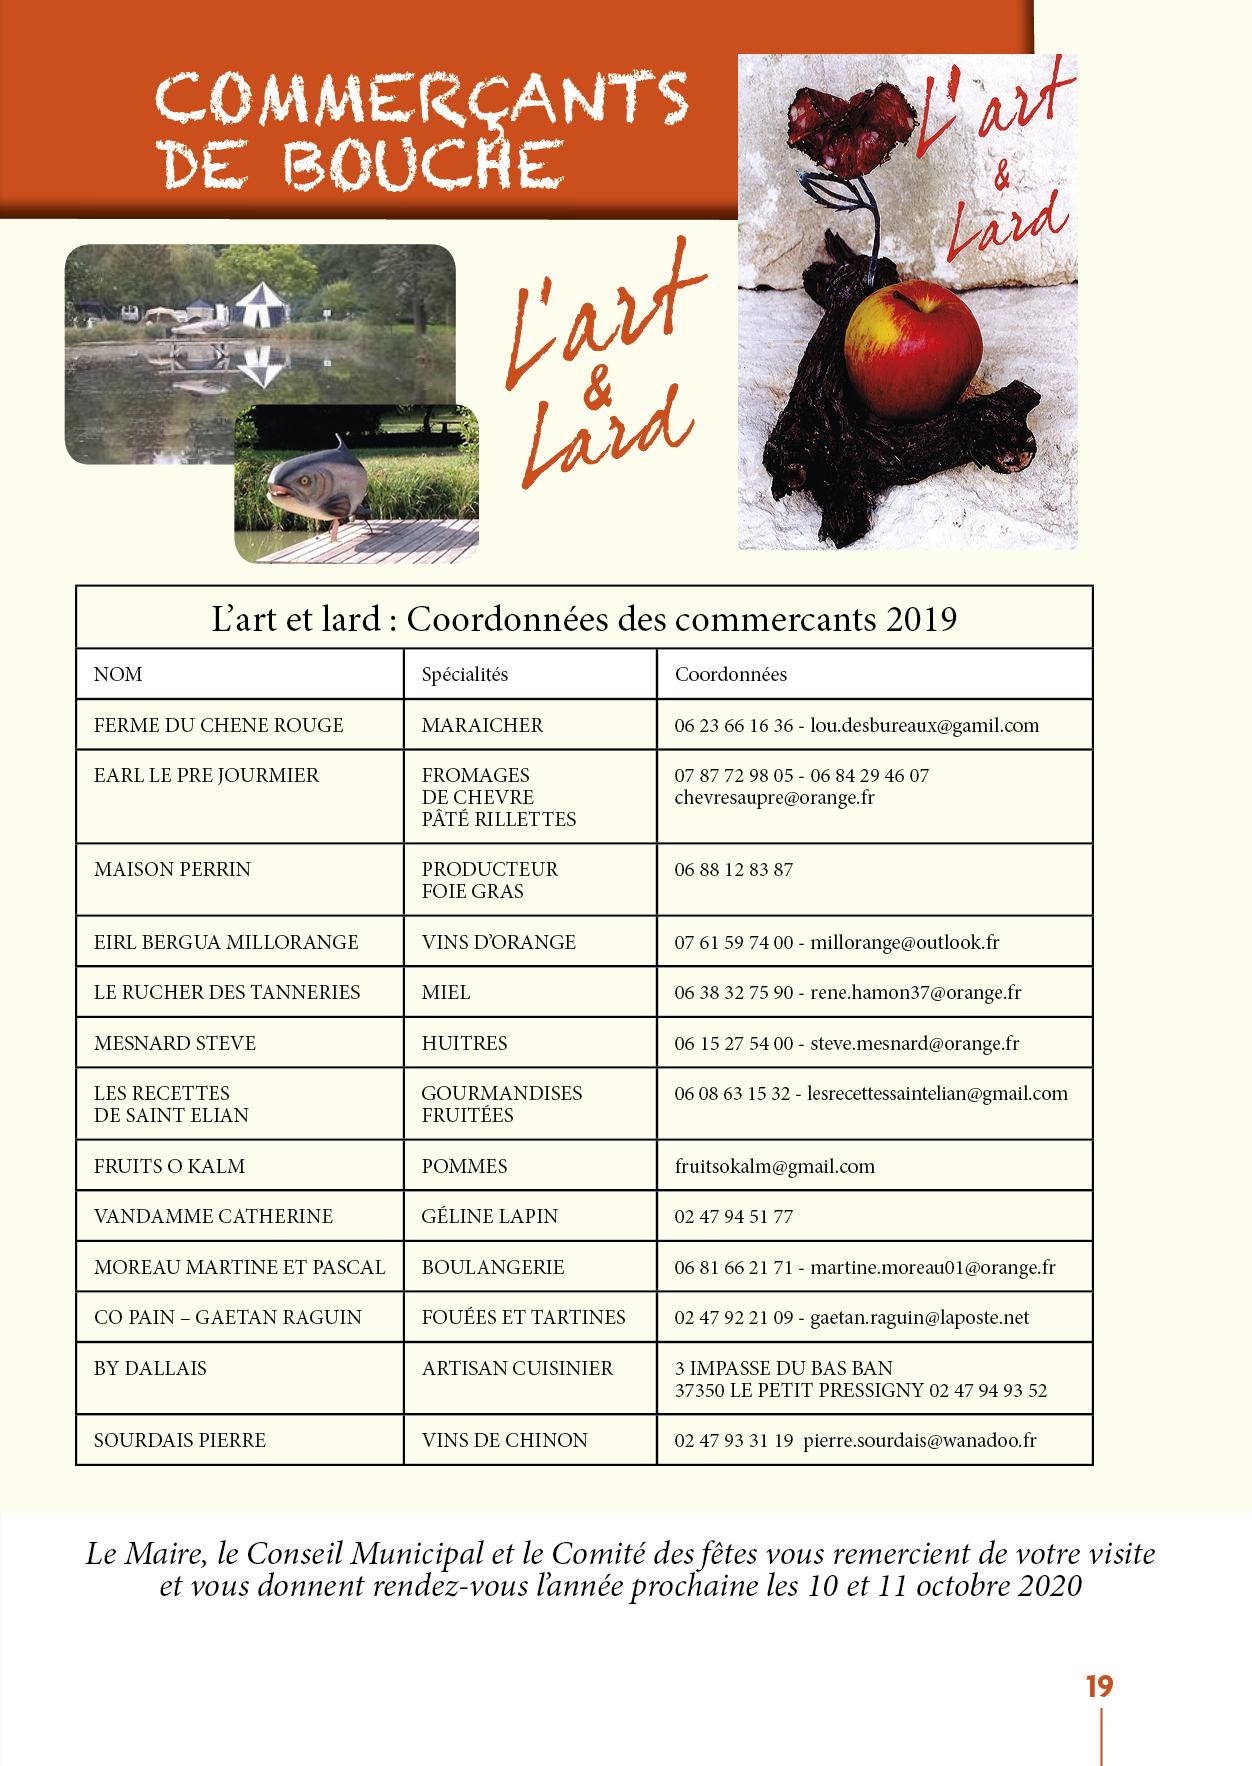 l-art-et-lard/16-pages-l-art-et-lard-2019-p19.jpg